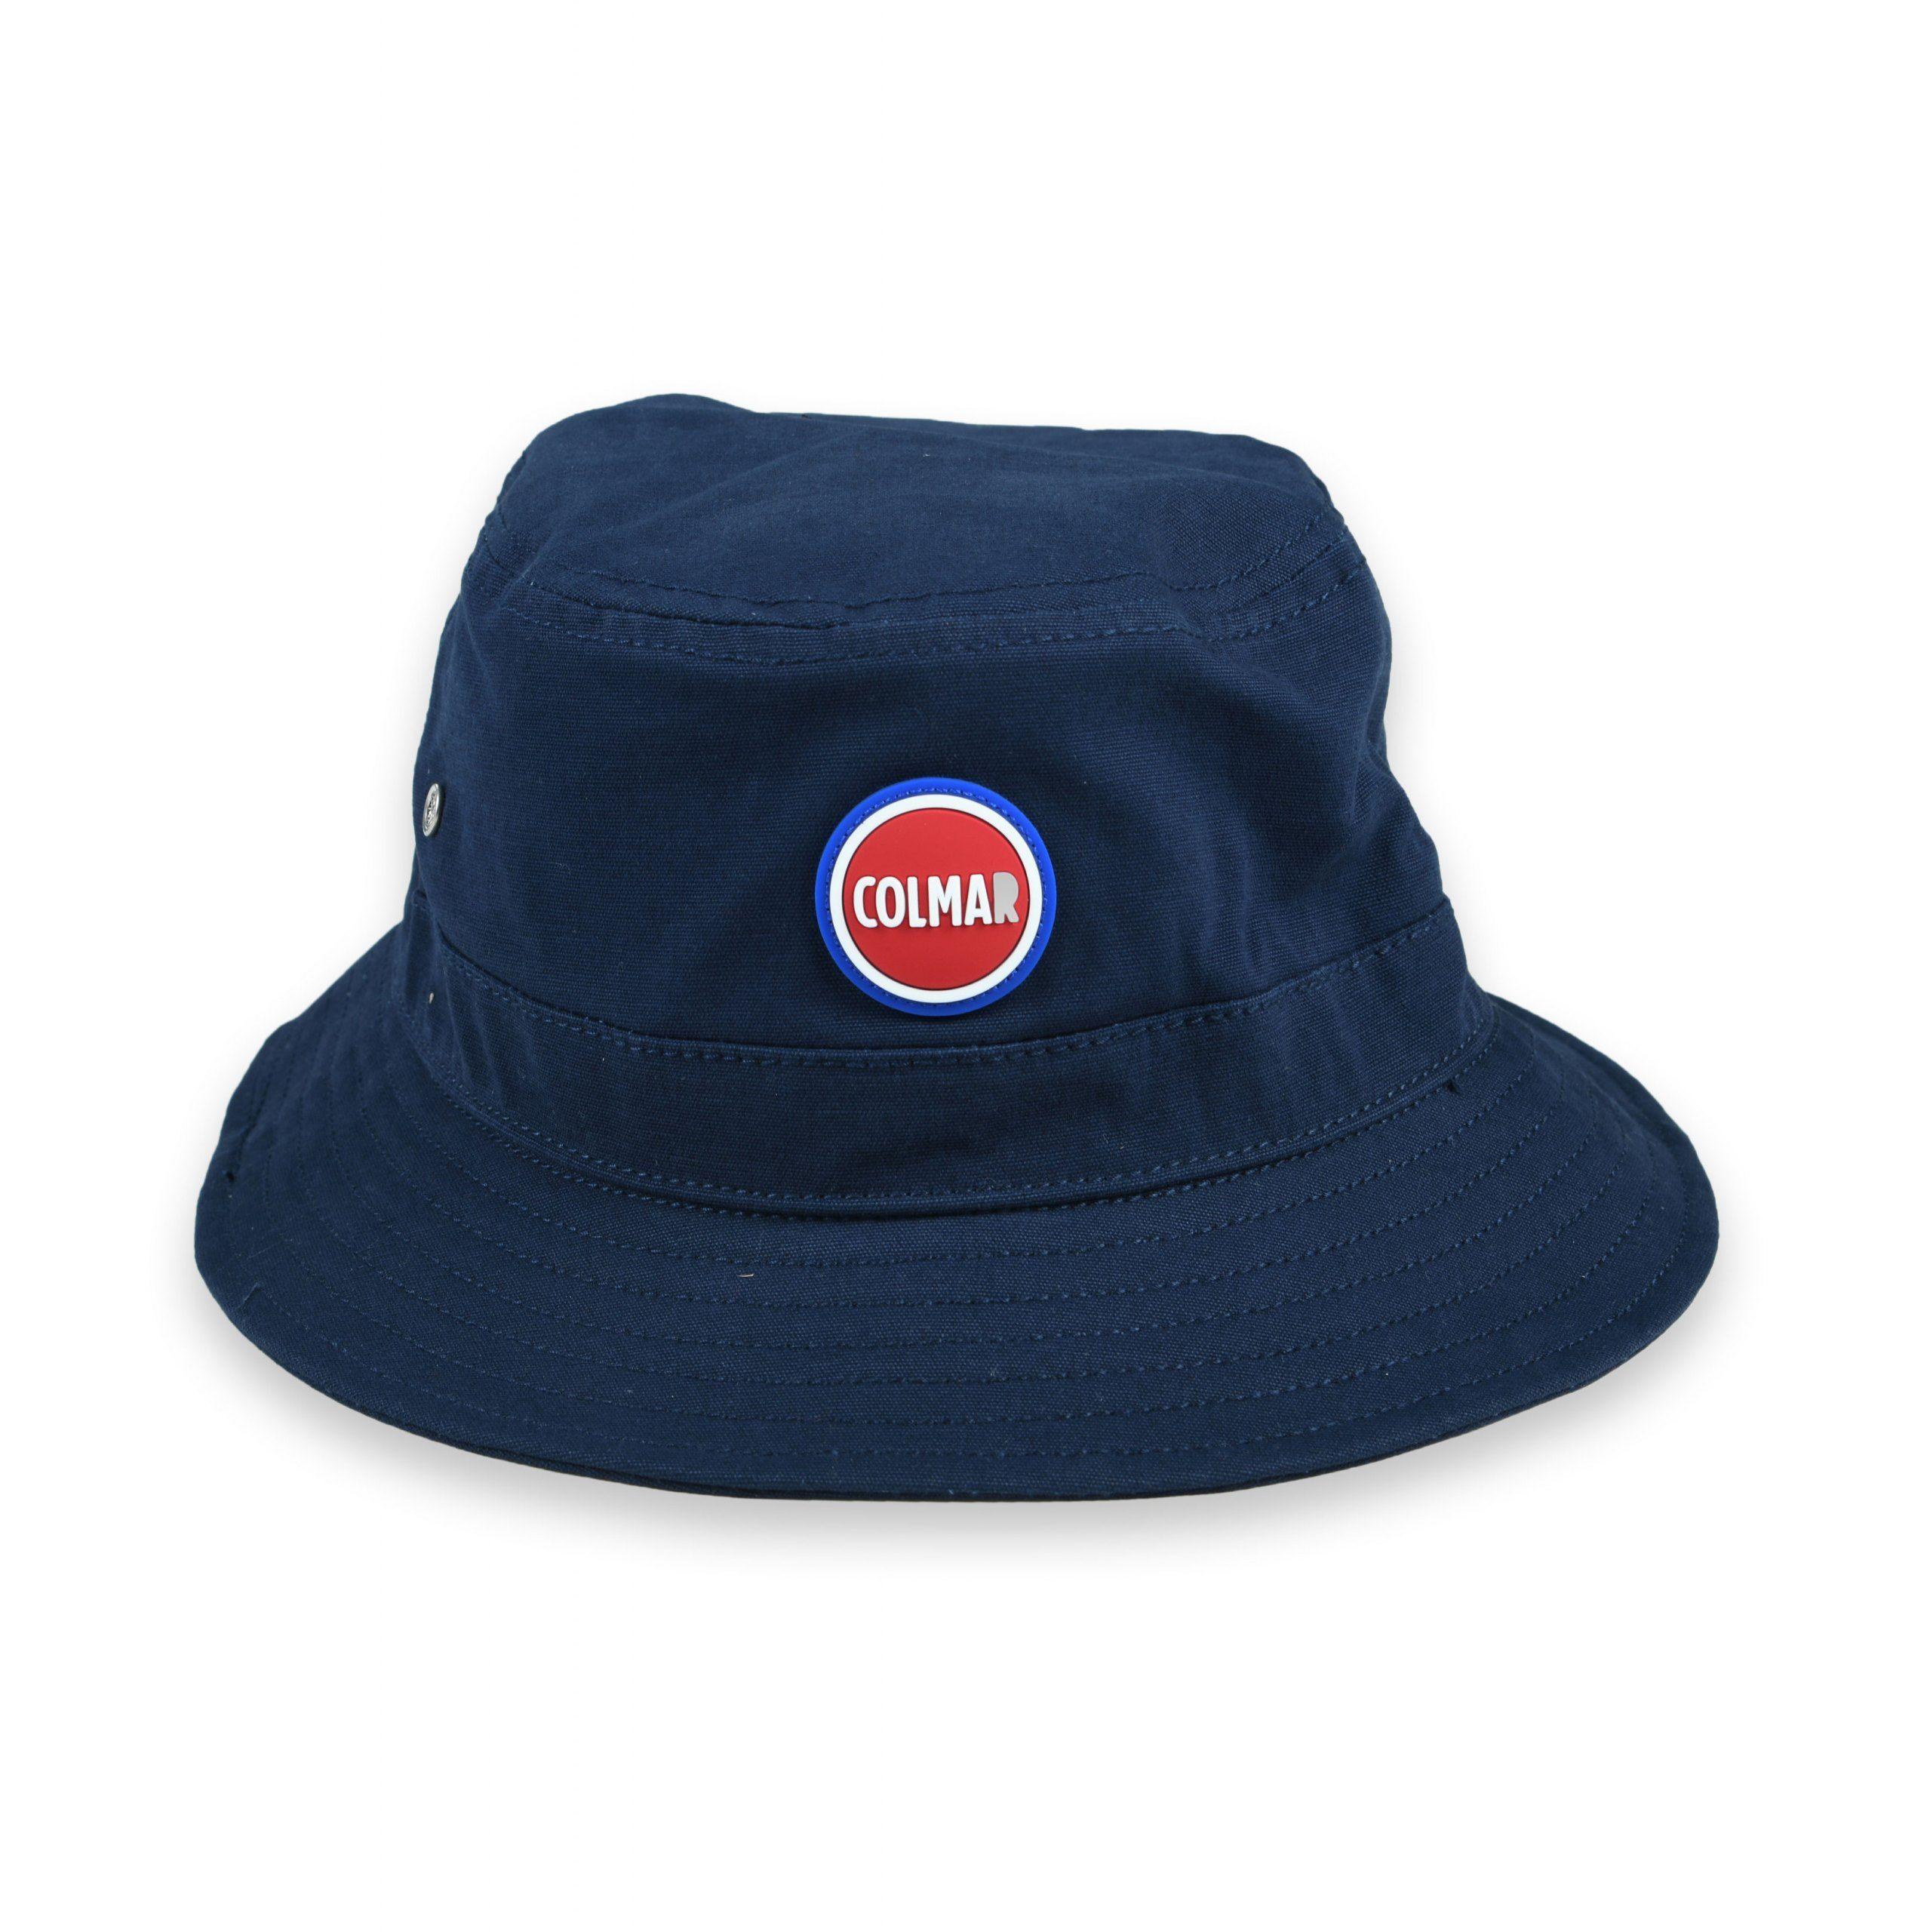 Poloshow Colmar Hat Navy 68 5074 8WF 1